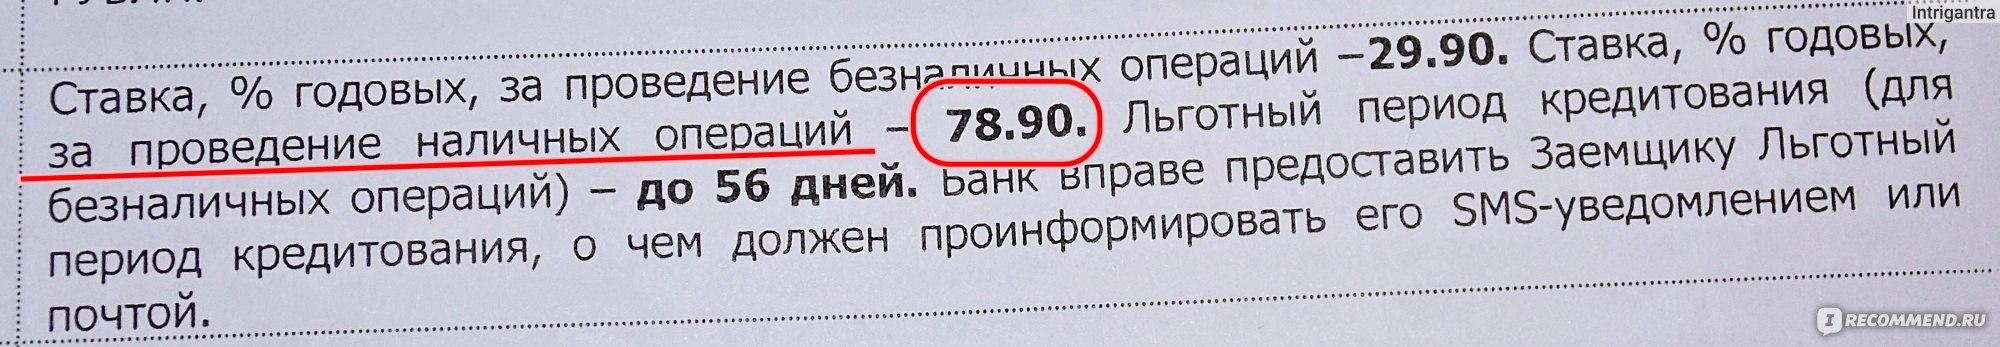 Расписка о получении денег в долг украина